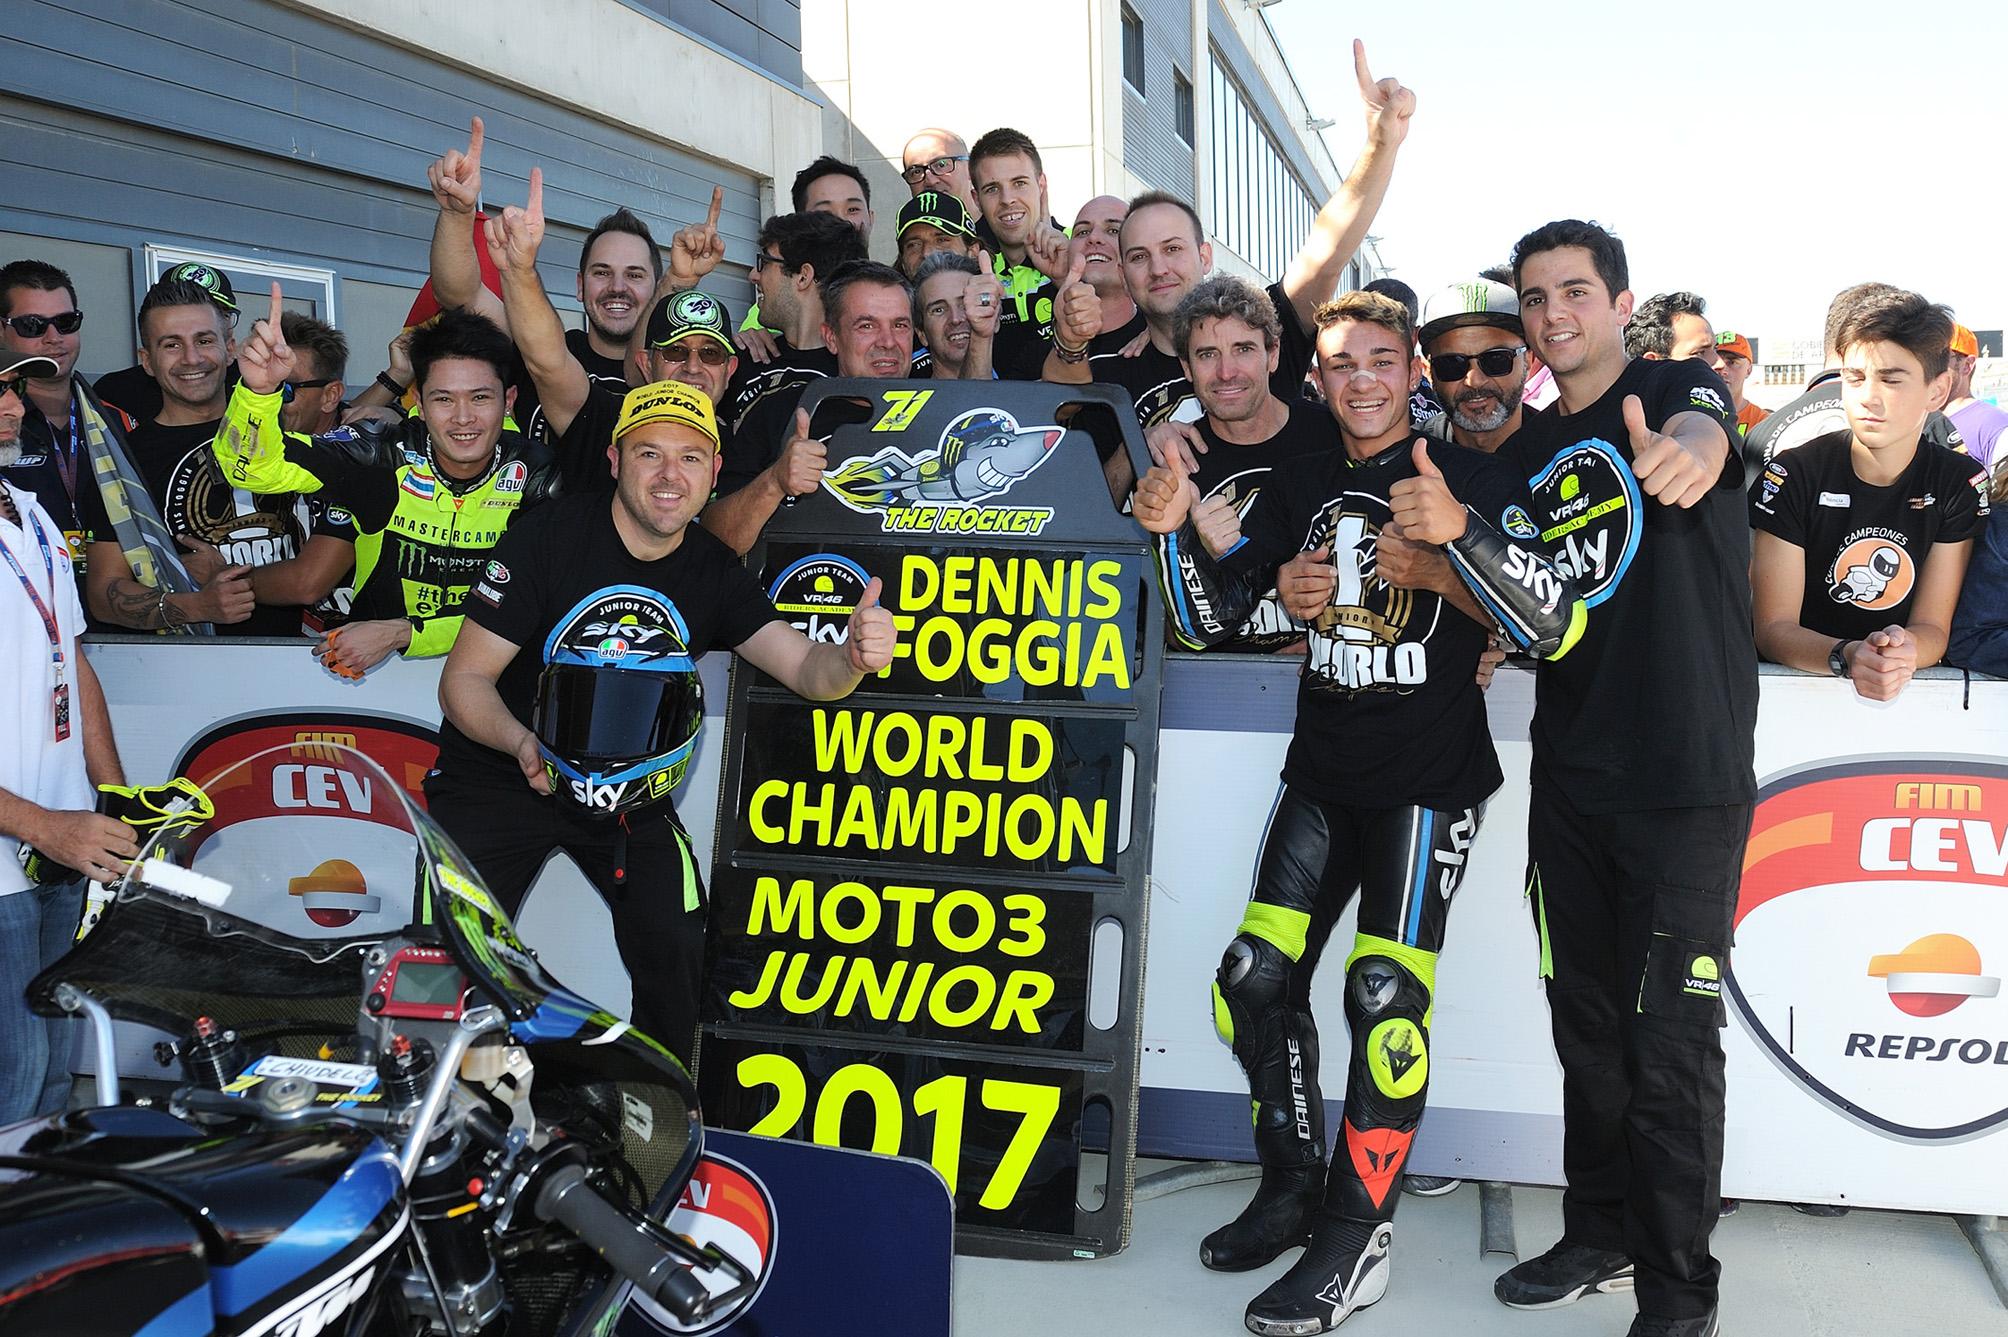 FIM CEV Aragón: Foggia, campeón de Moto3; Granado, muy cerca del título de Moto2